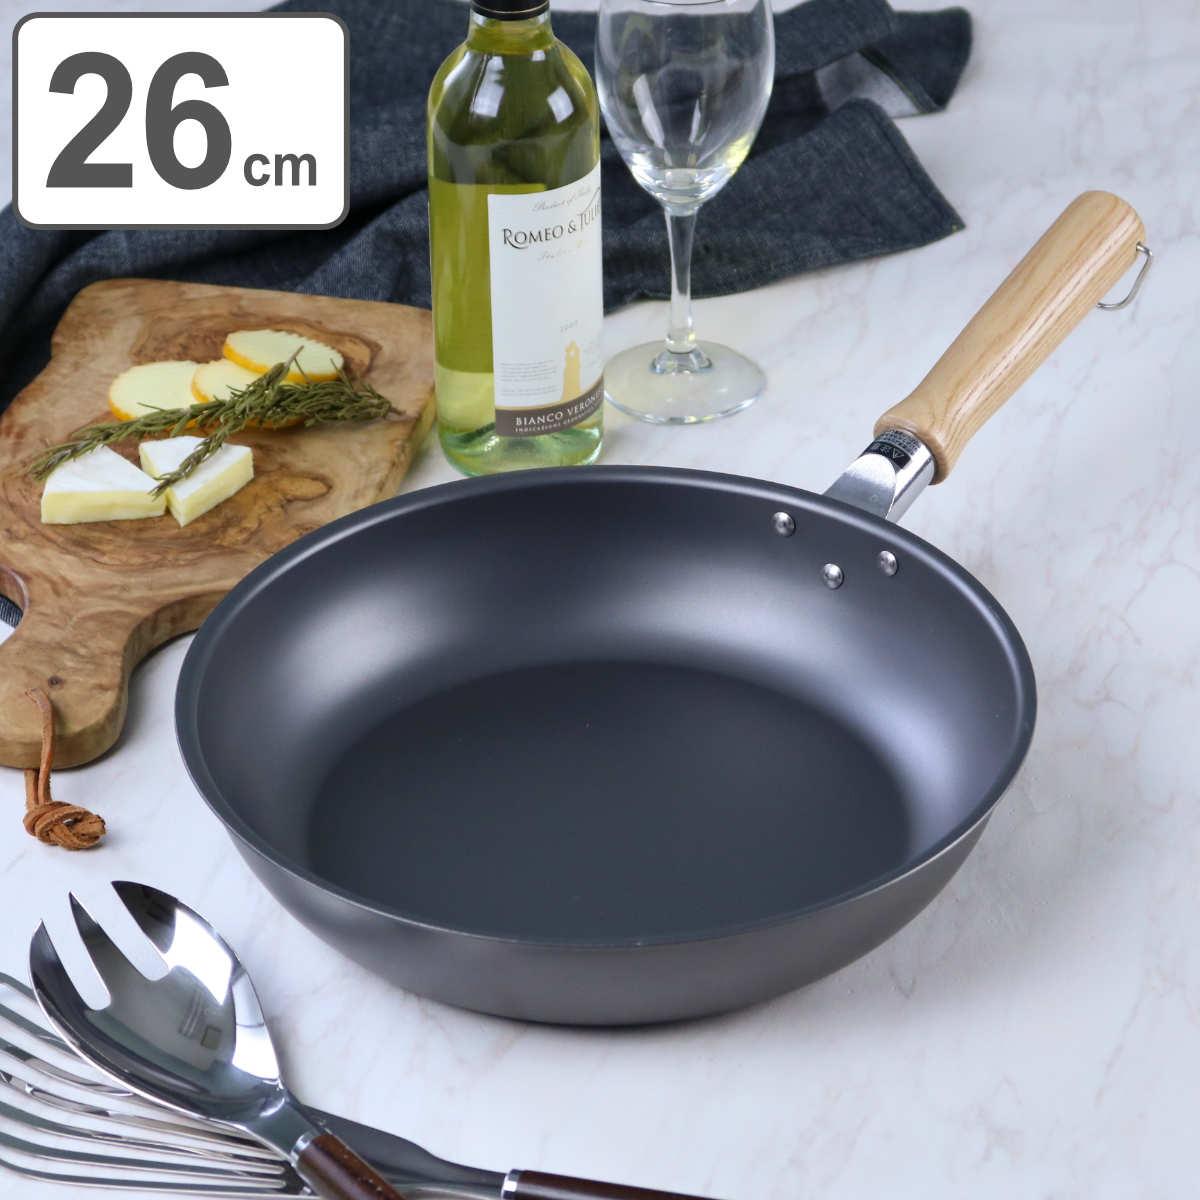 フライパン 鉄匠(TESSHO) フライパン 26cm IH対応 ユミック UMIC ( 送料無料 ガス火対応 鉄フライパン 浅型フライパン 26センチ 鉄製フライパン 油ならし不要 空焚き不要 ウルシヤマフライパン オール熱源対応 キッチン用品 )